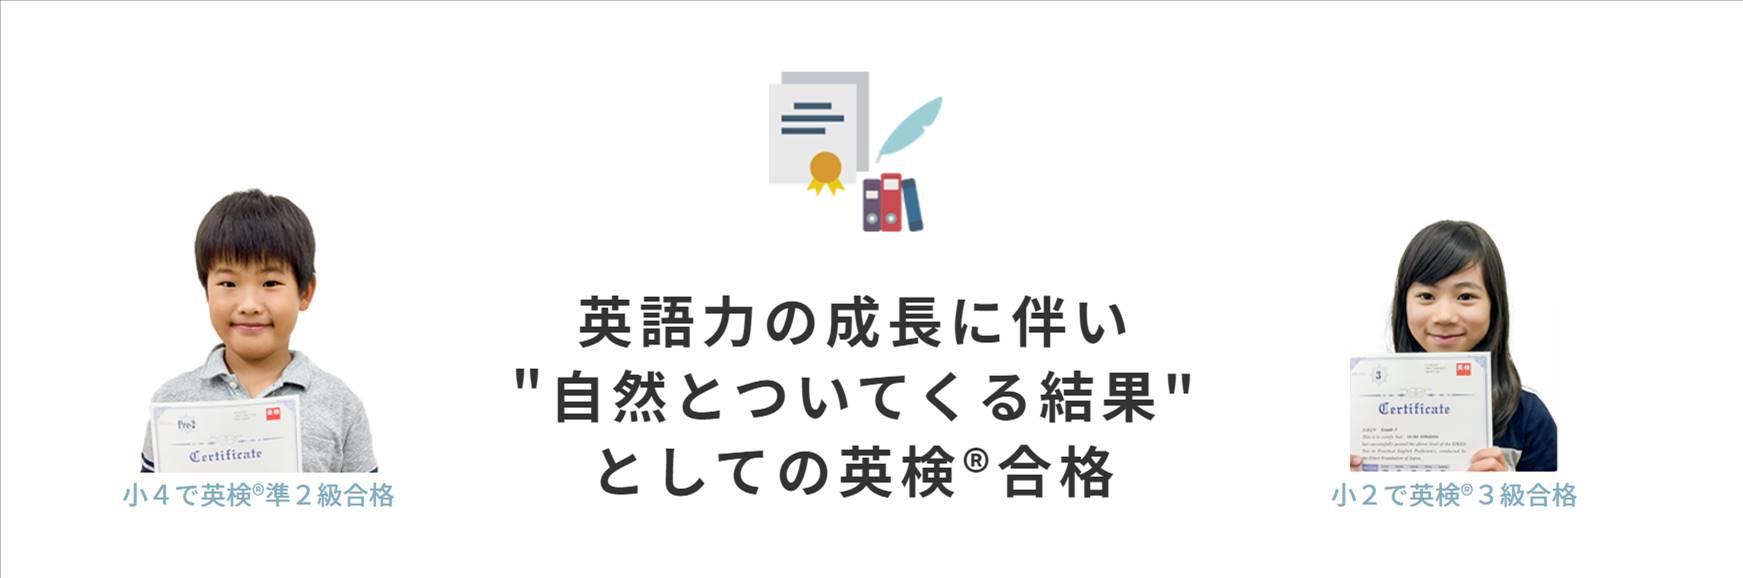 英検®第2回検定二次試験終了